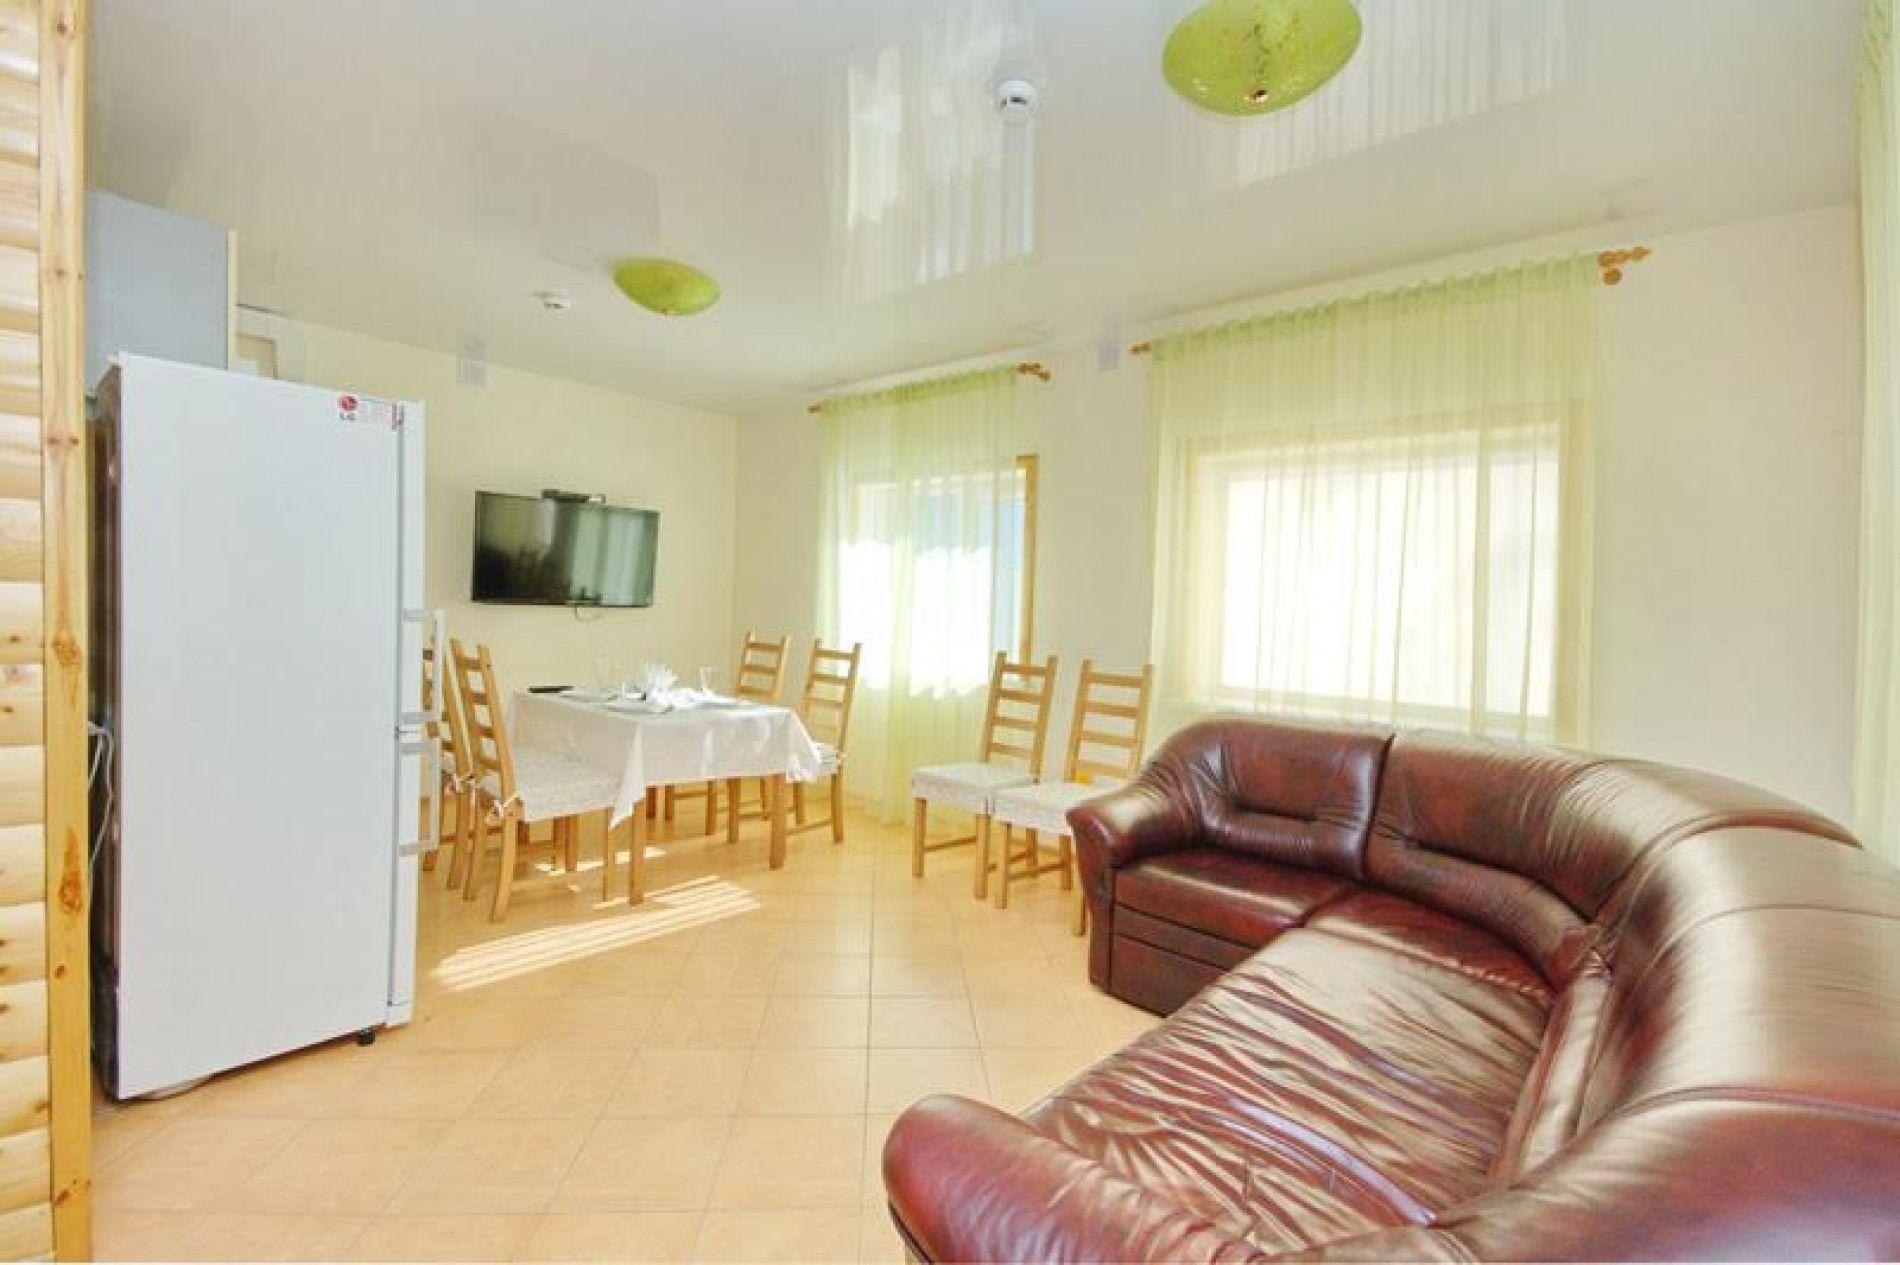 База отдыха «Уютная» Ульяновская область 4-х местный VIP номер, фото 5